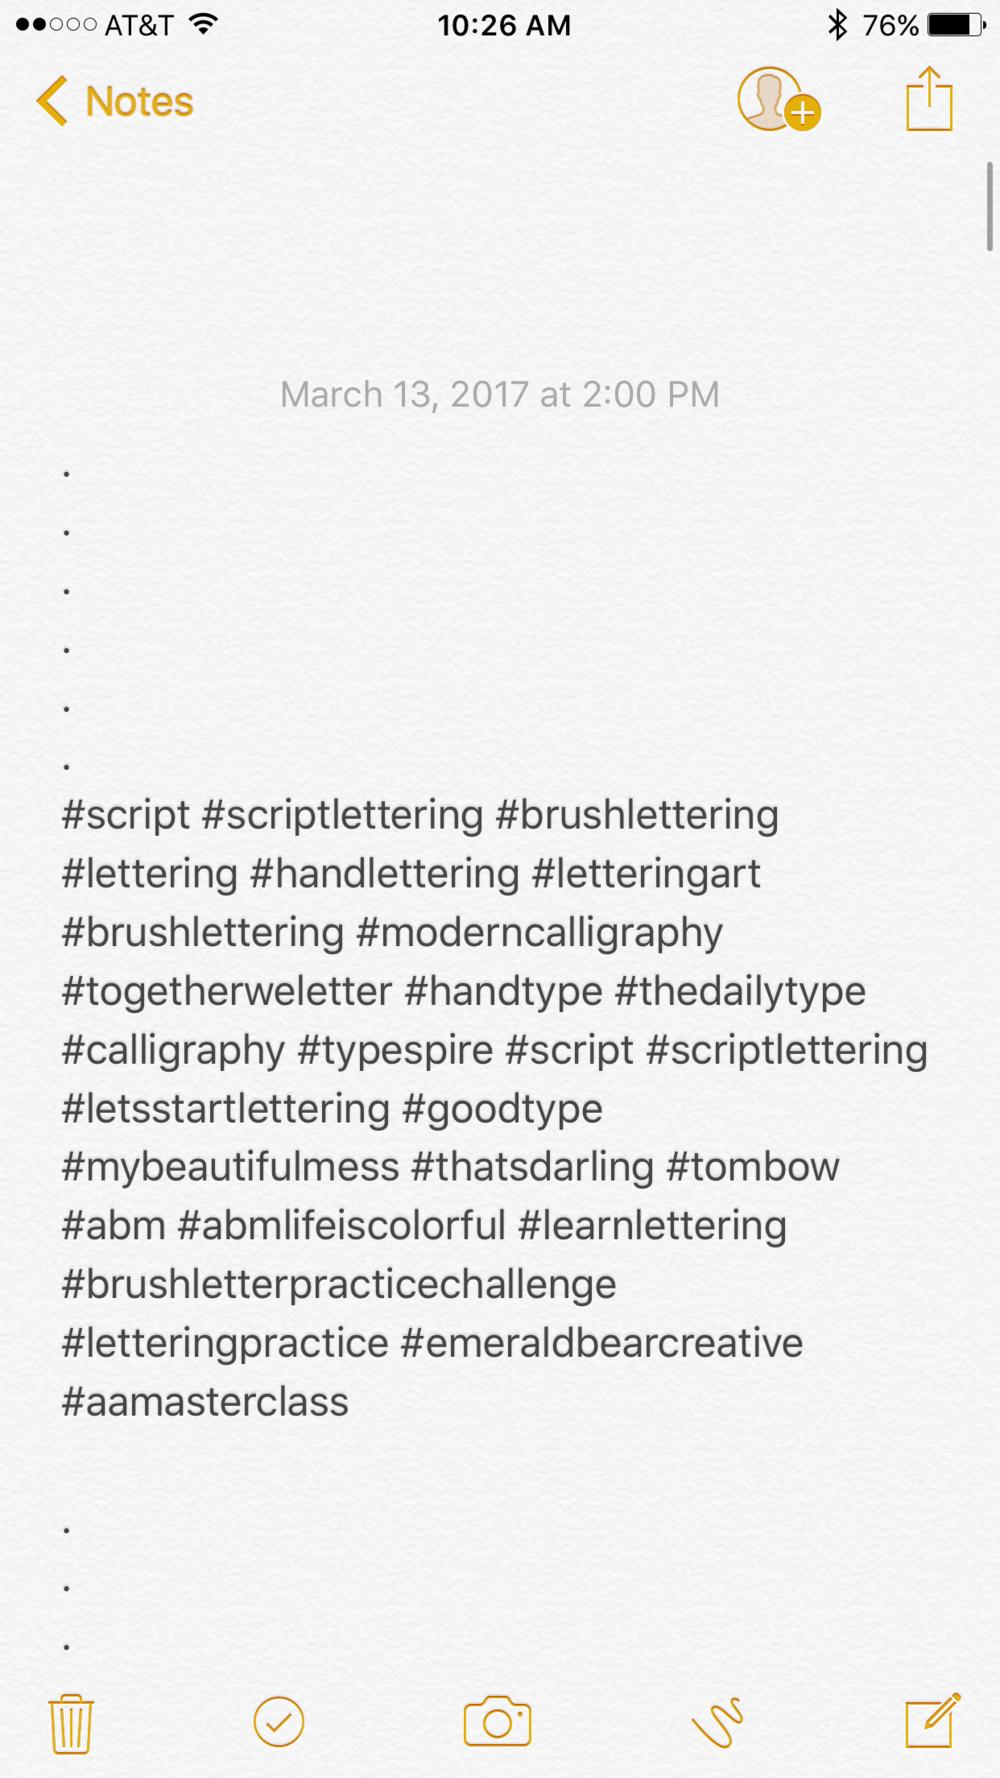 hashtaggroupingsinstagram